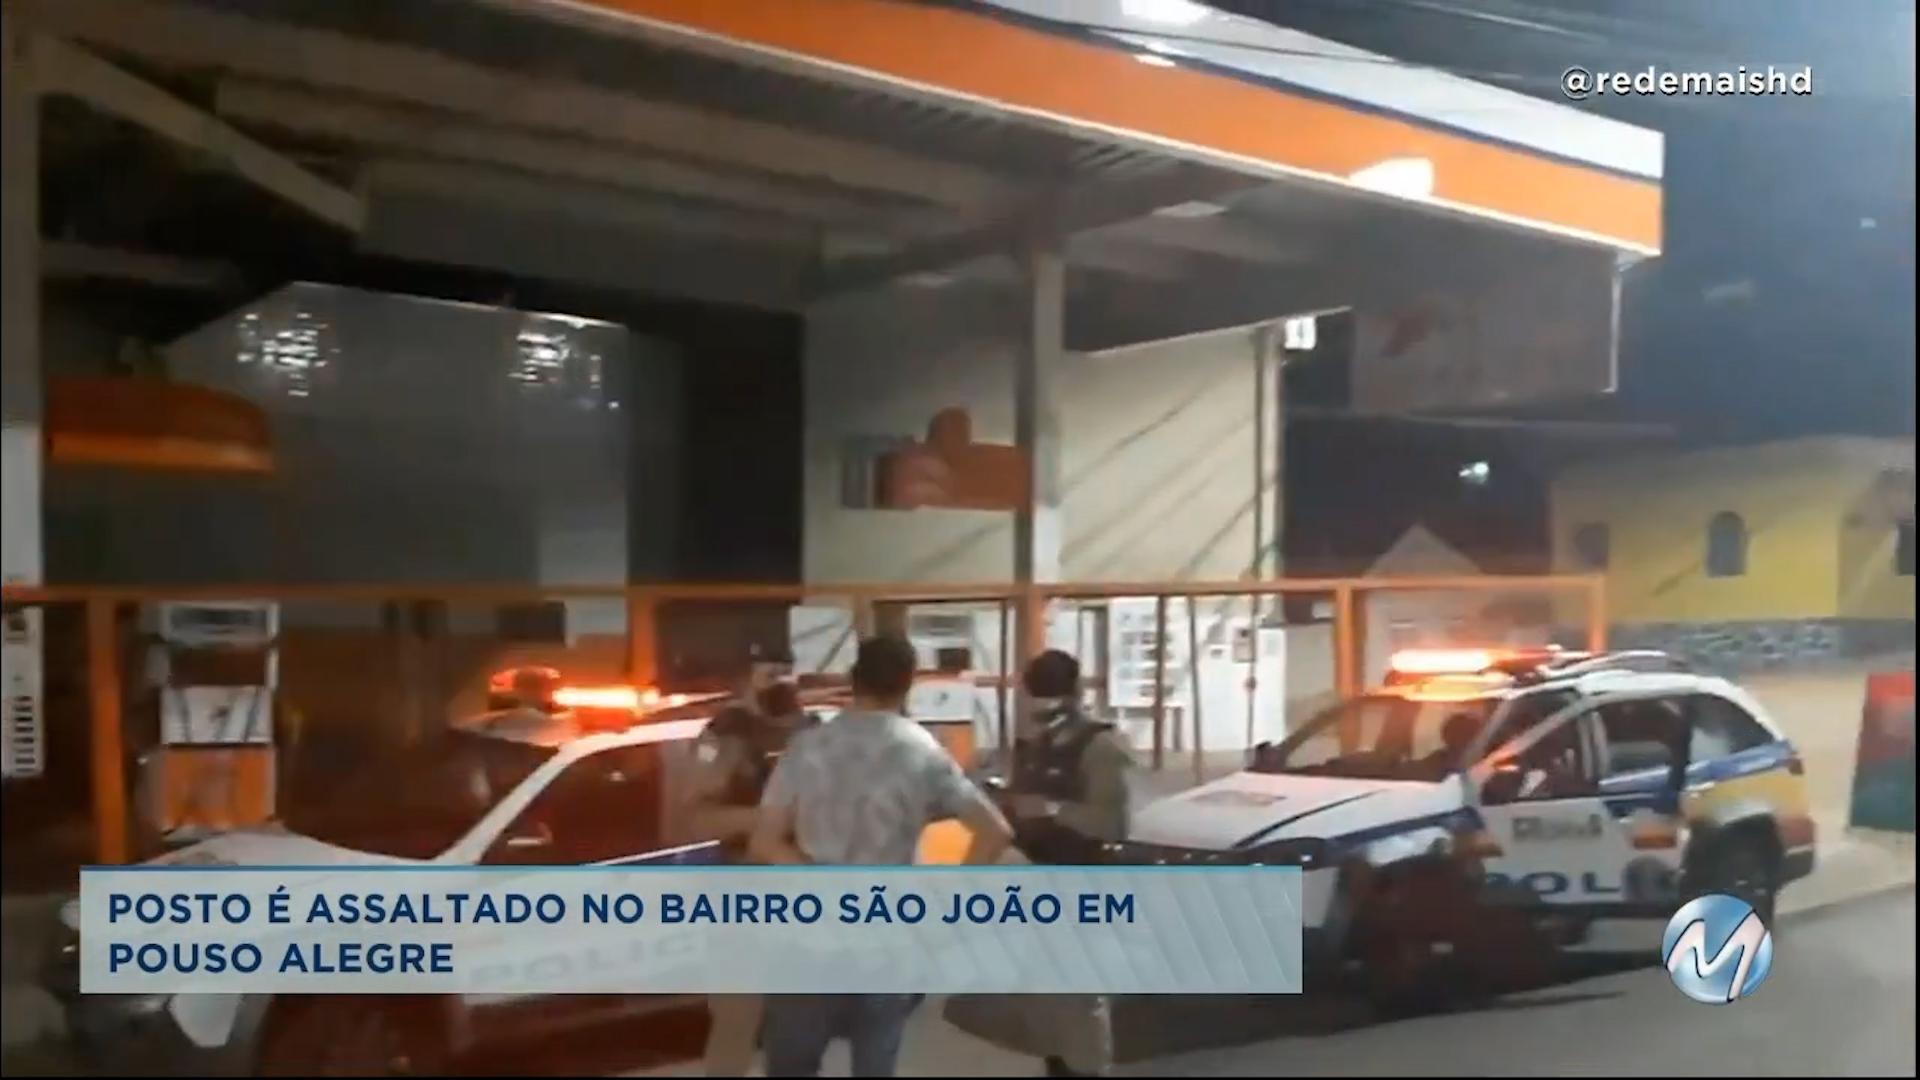 Posto é assaltado no bairro São João em Pouso Alegre